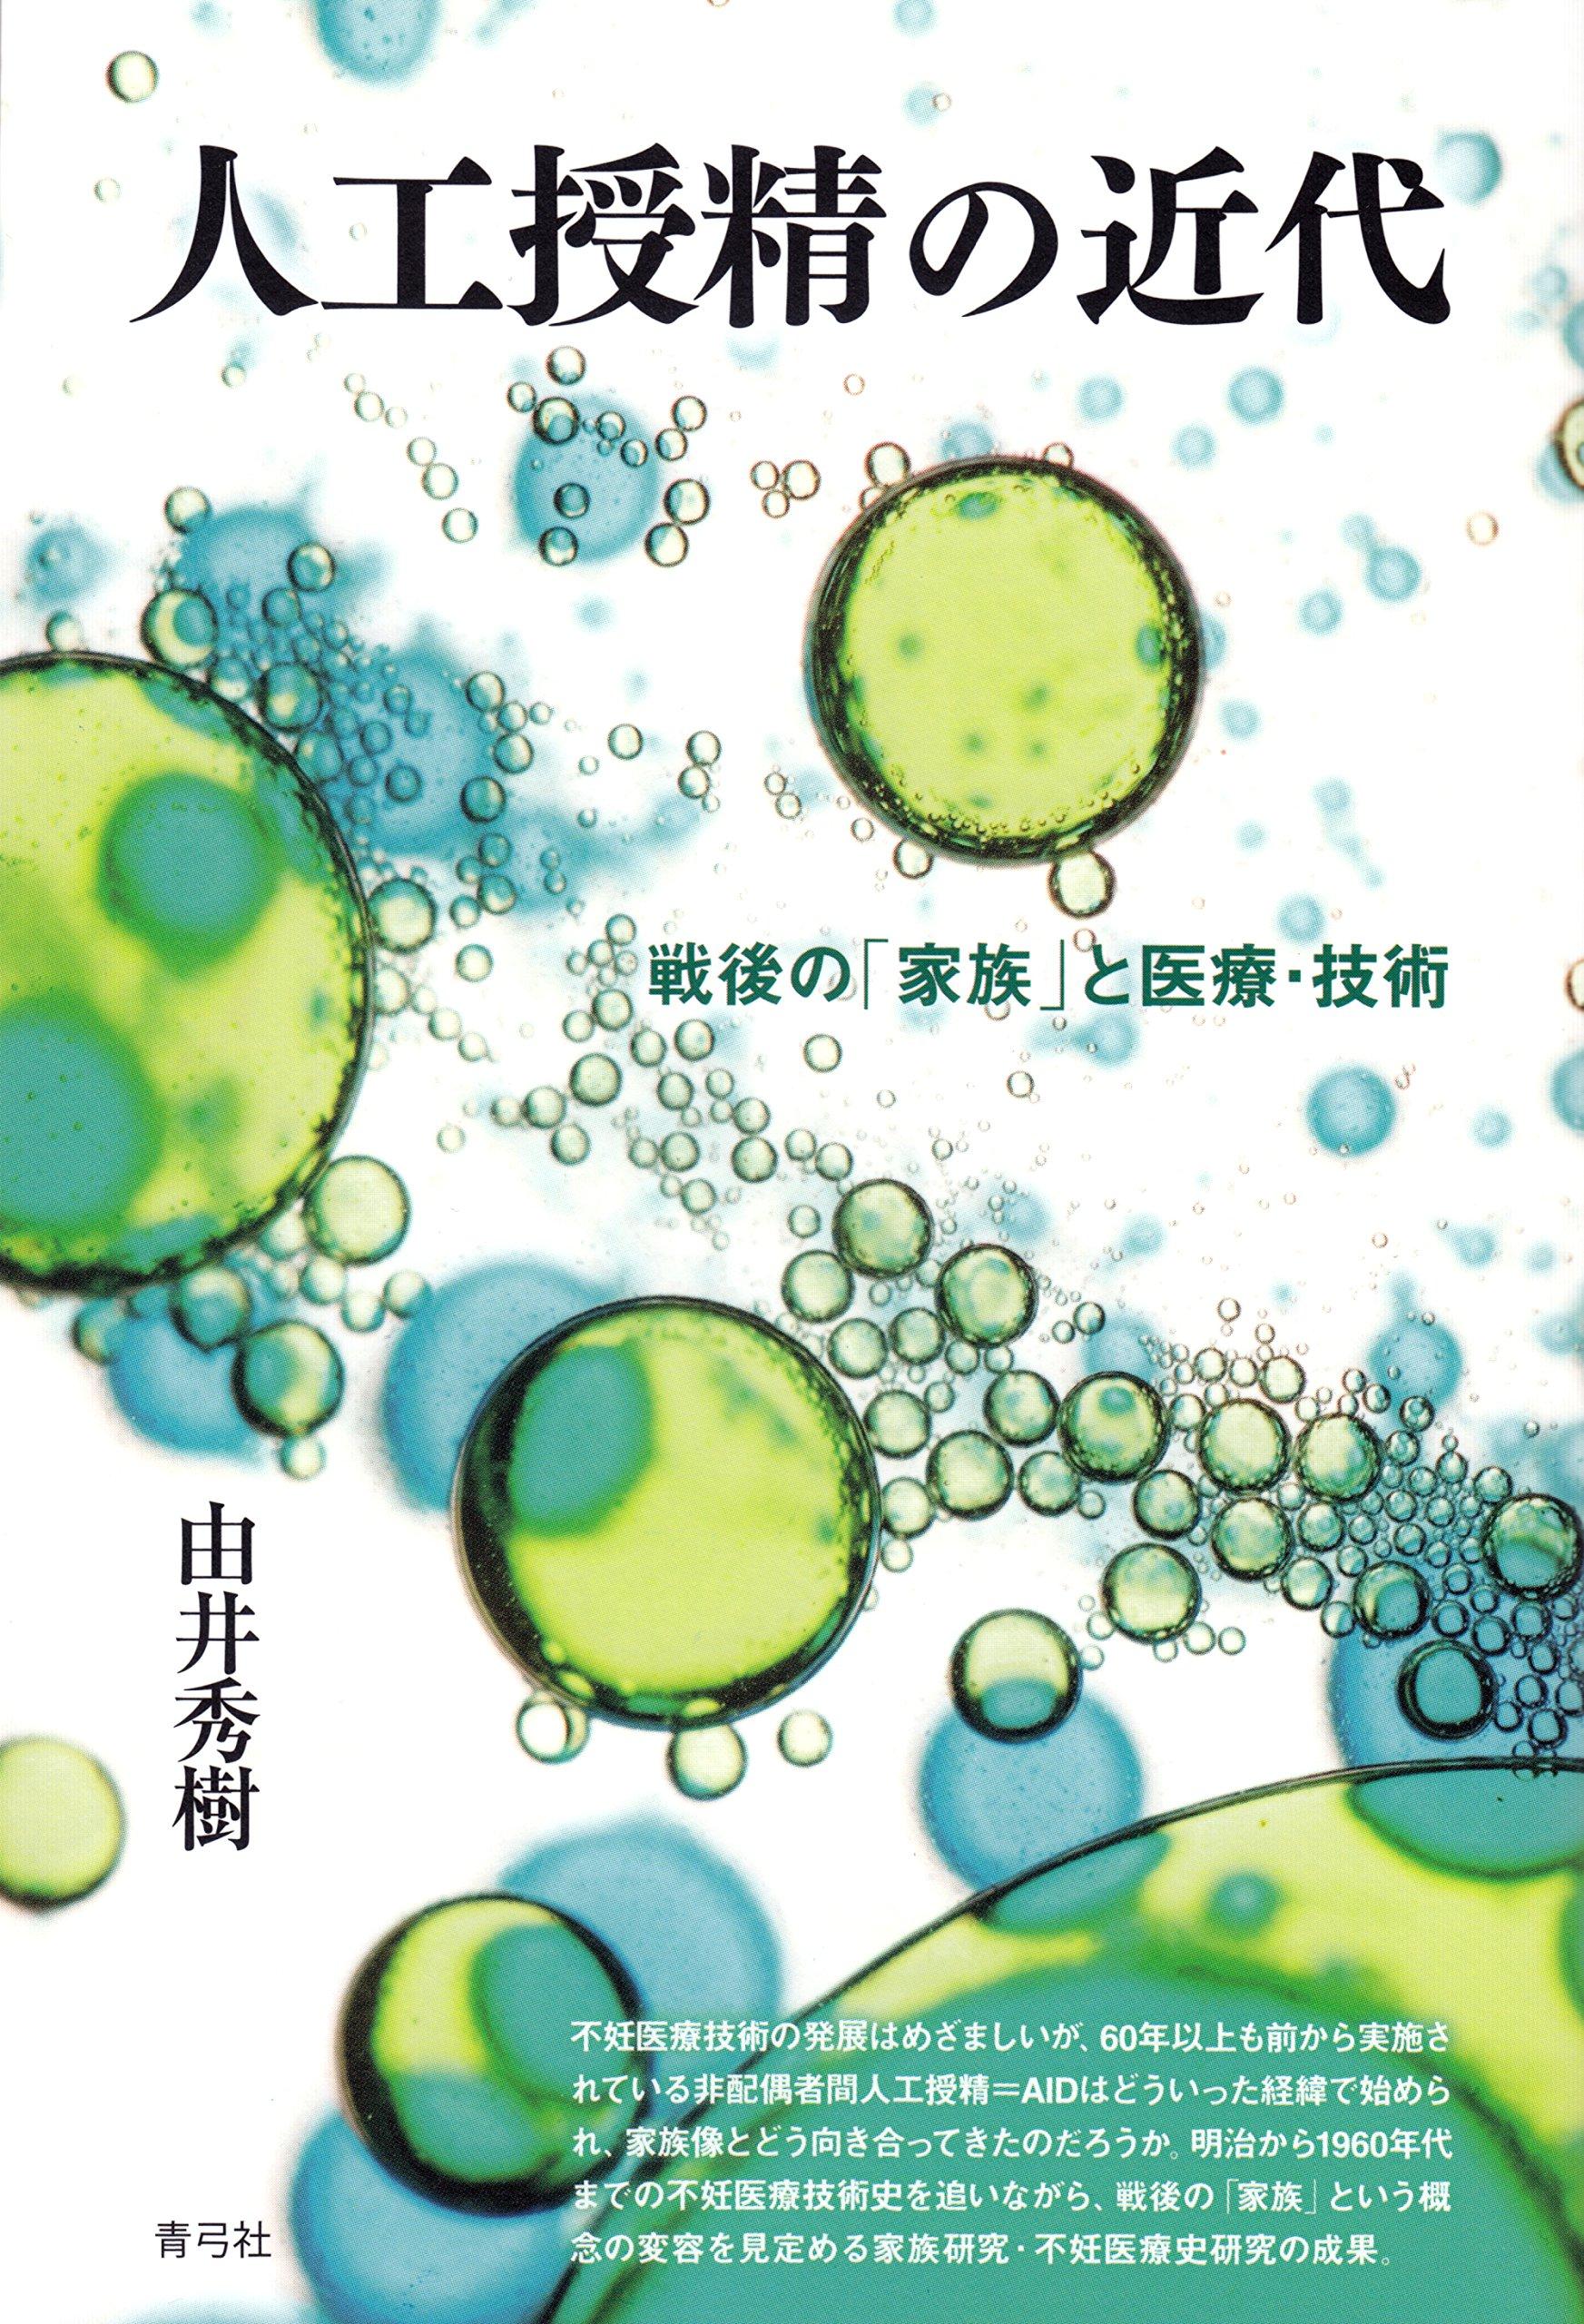 『인공수정의 근대――전후의「가족」과 의료・기술』表紙イメージ